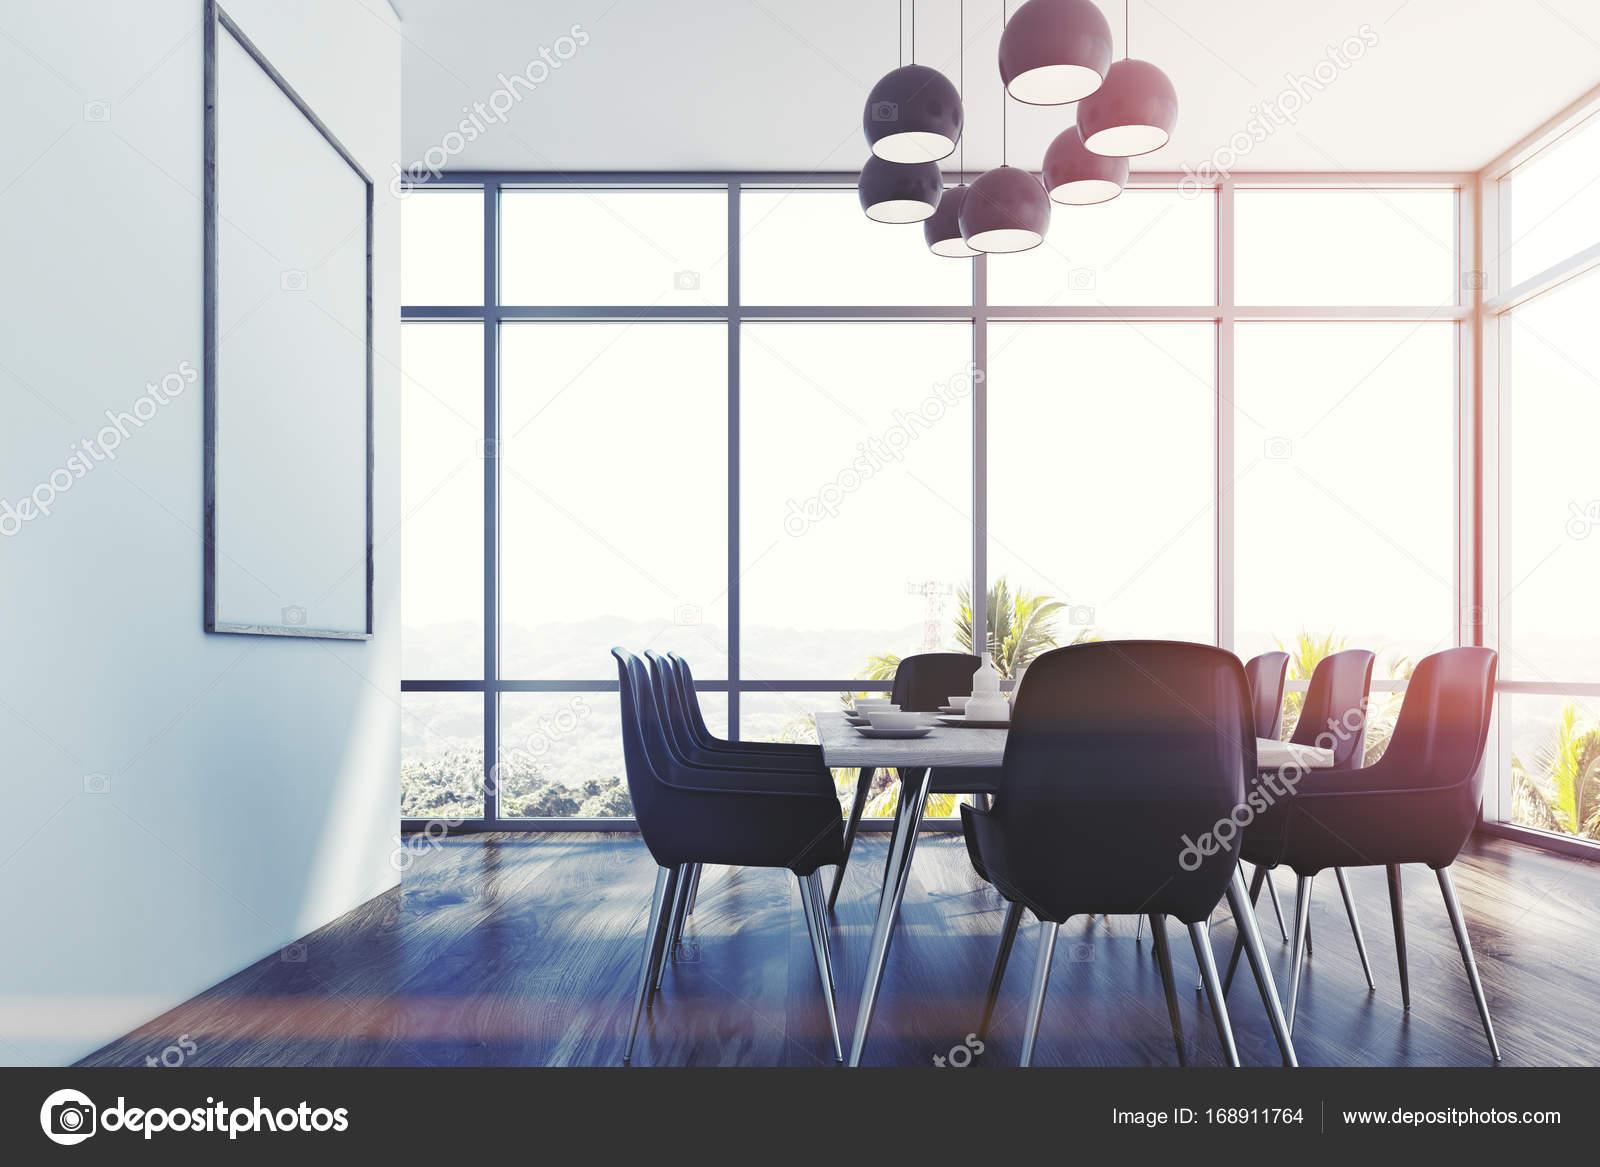 Esszimmer Einrichtung Mit Loft Fenster, Weiße Wände Und Einen Holzboden.  Ein Langer Tisch Mit Grauen Stühle Und Ein Poster An Der Wand.  Seitenansicht.